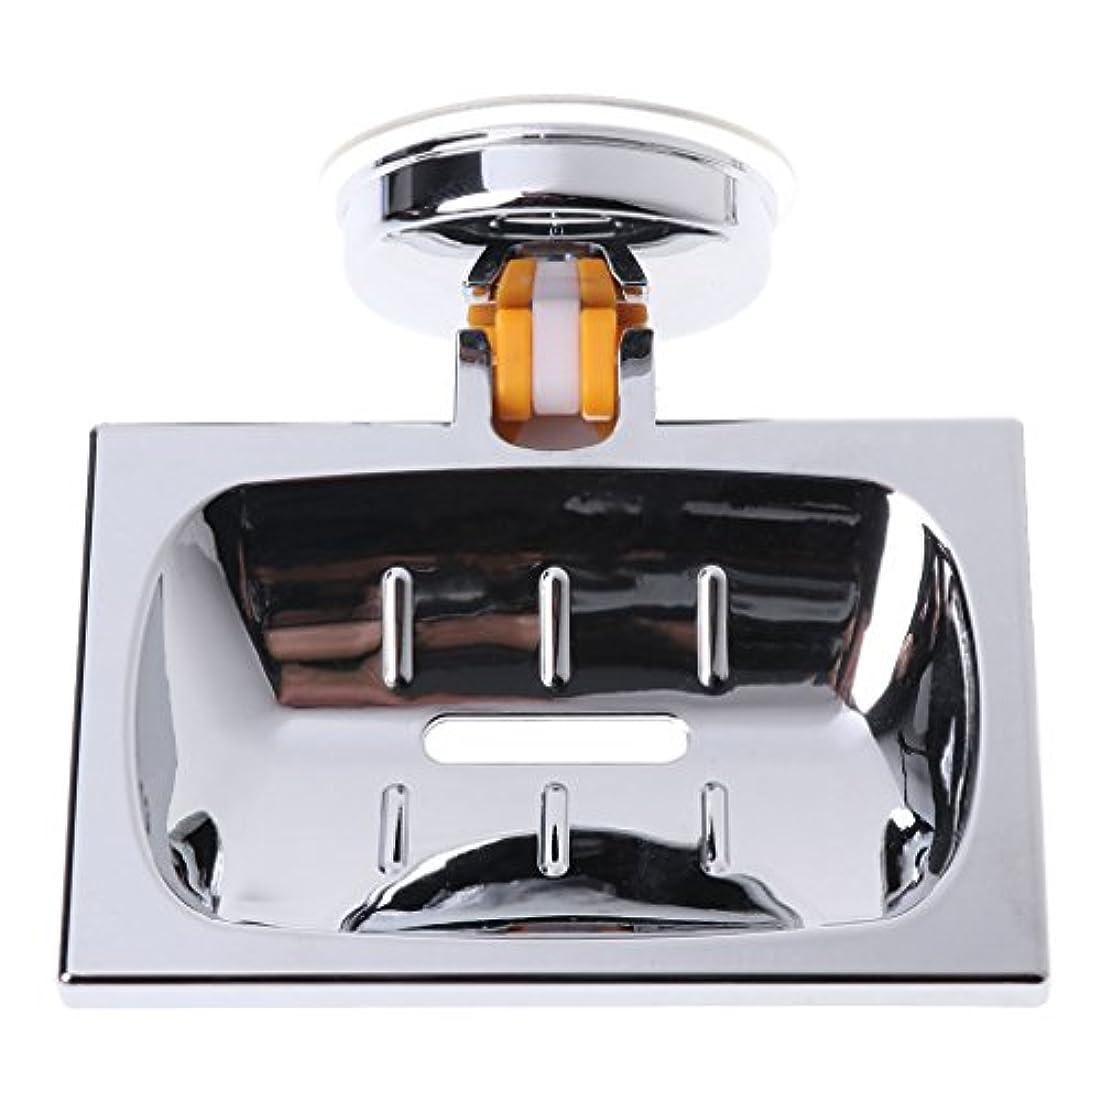 周り宇宙のフィルタLamdooウォールサクションカップバスルームバスシャワーコンテナソープディッシュホルダーケースバスケット01